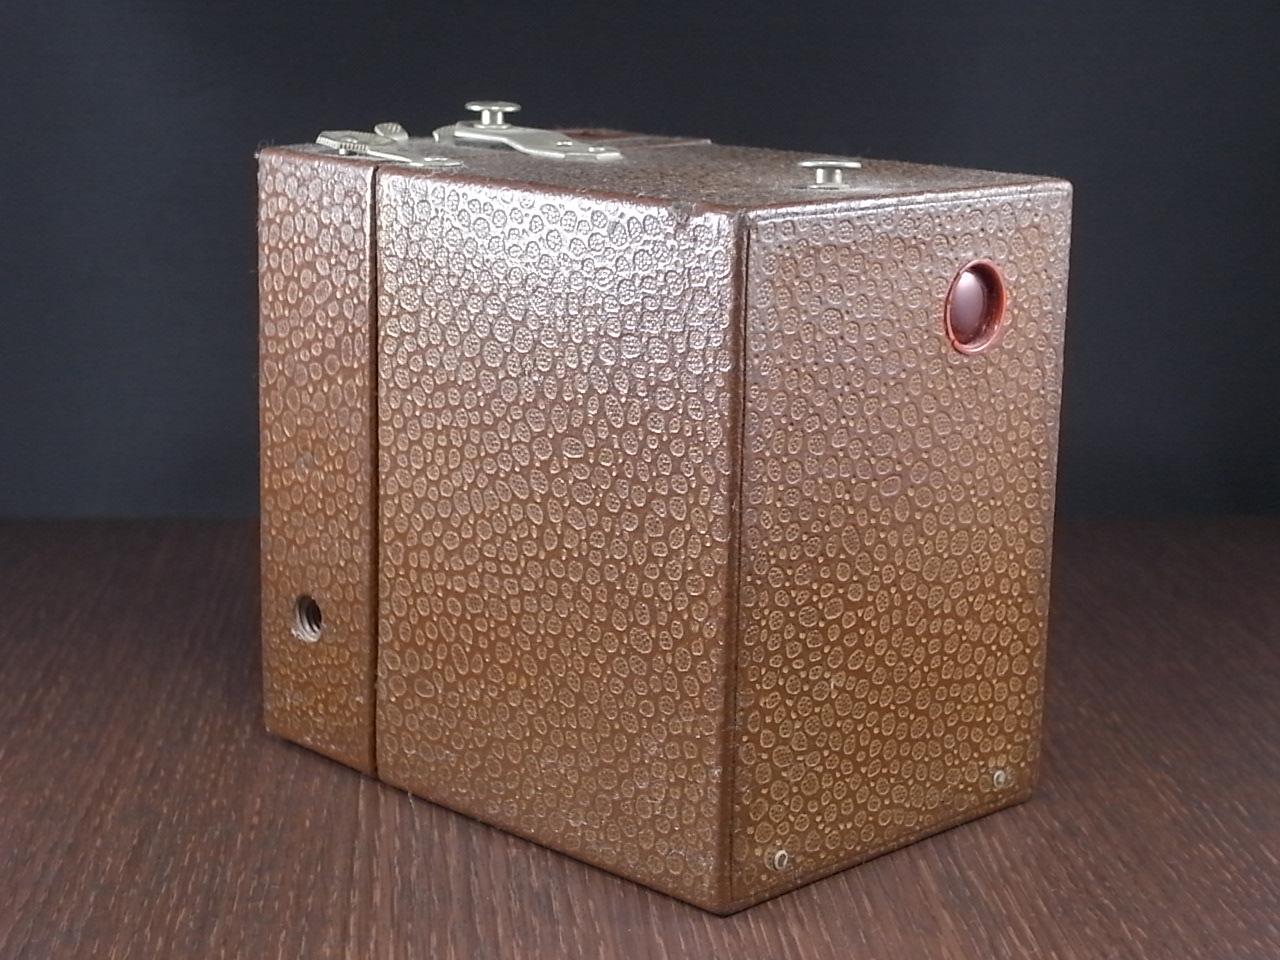 コダック No.2 ブローニー アールデコカメラ ブラウンの写真3枚目